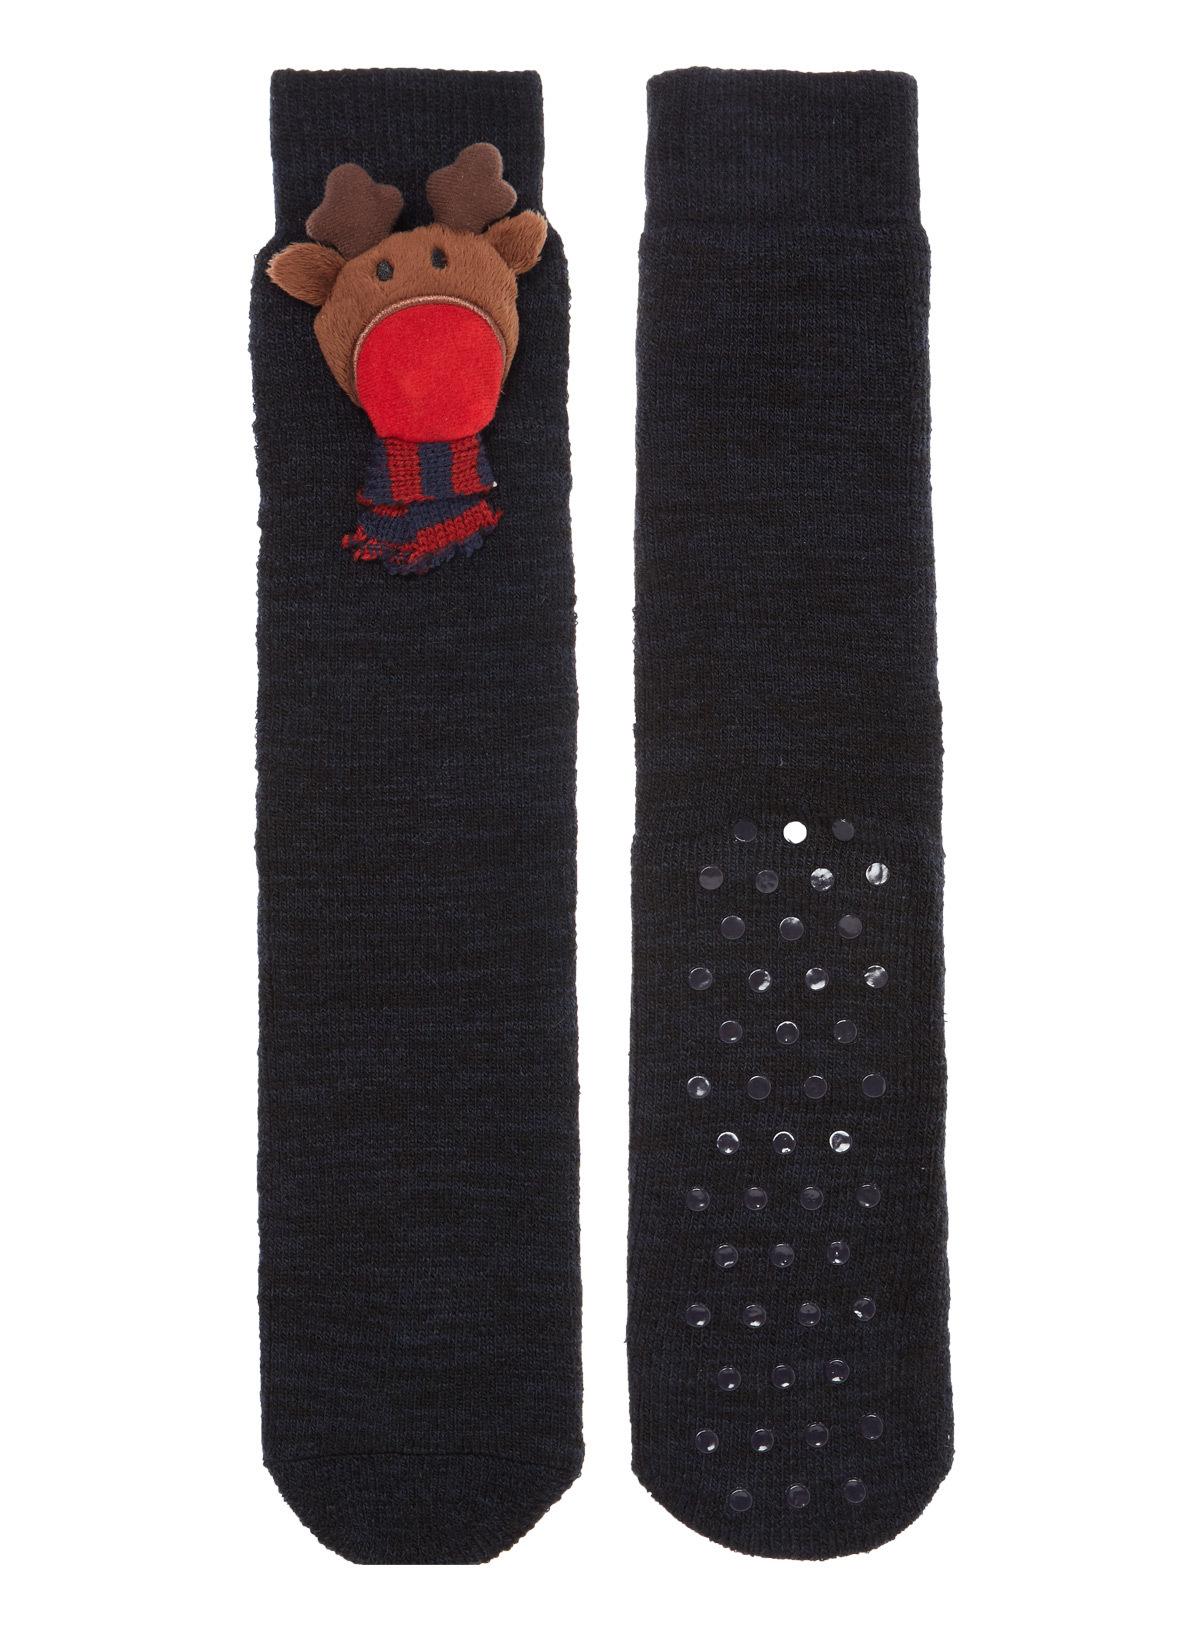 navy led light up reindeer slipper socks - Light Up Christmas Socks